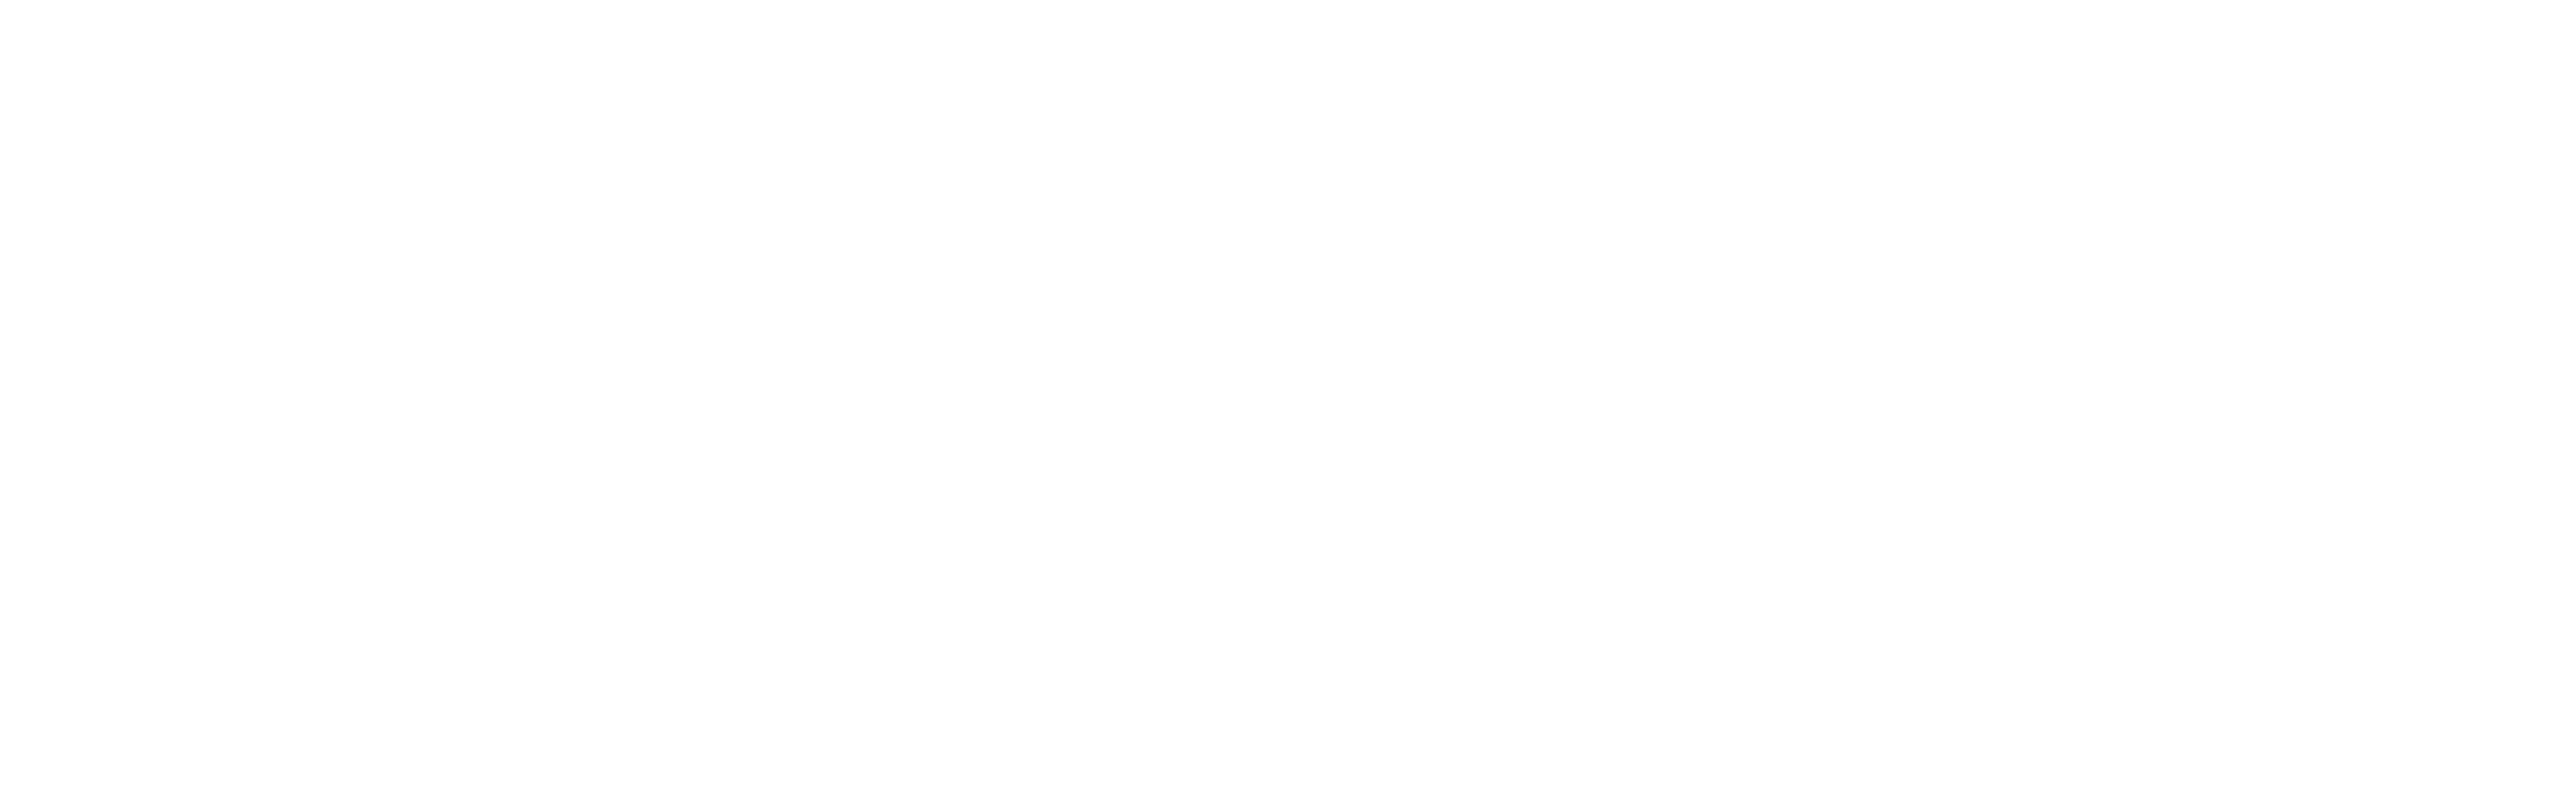 03 - RIBA